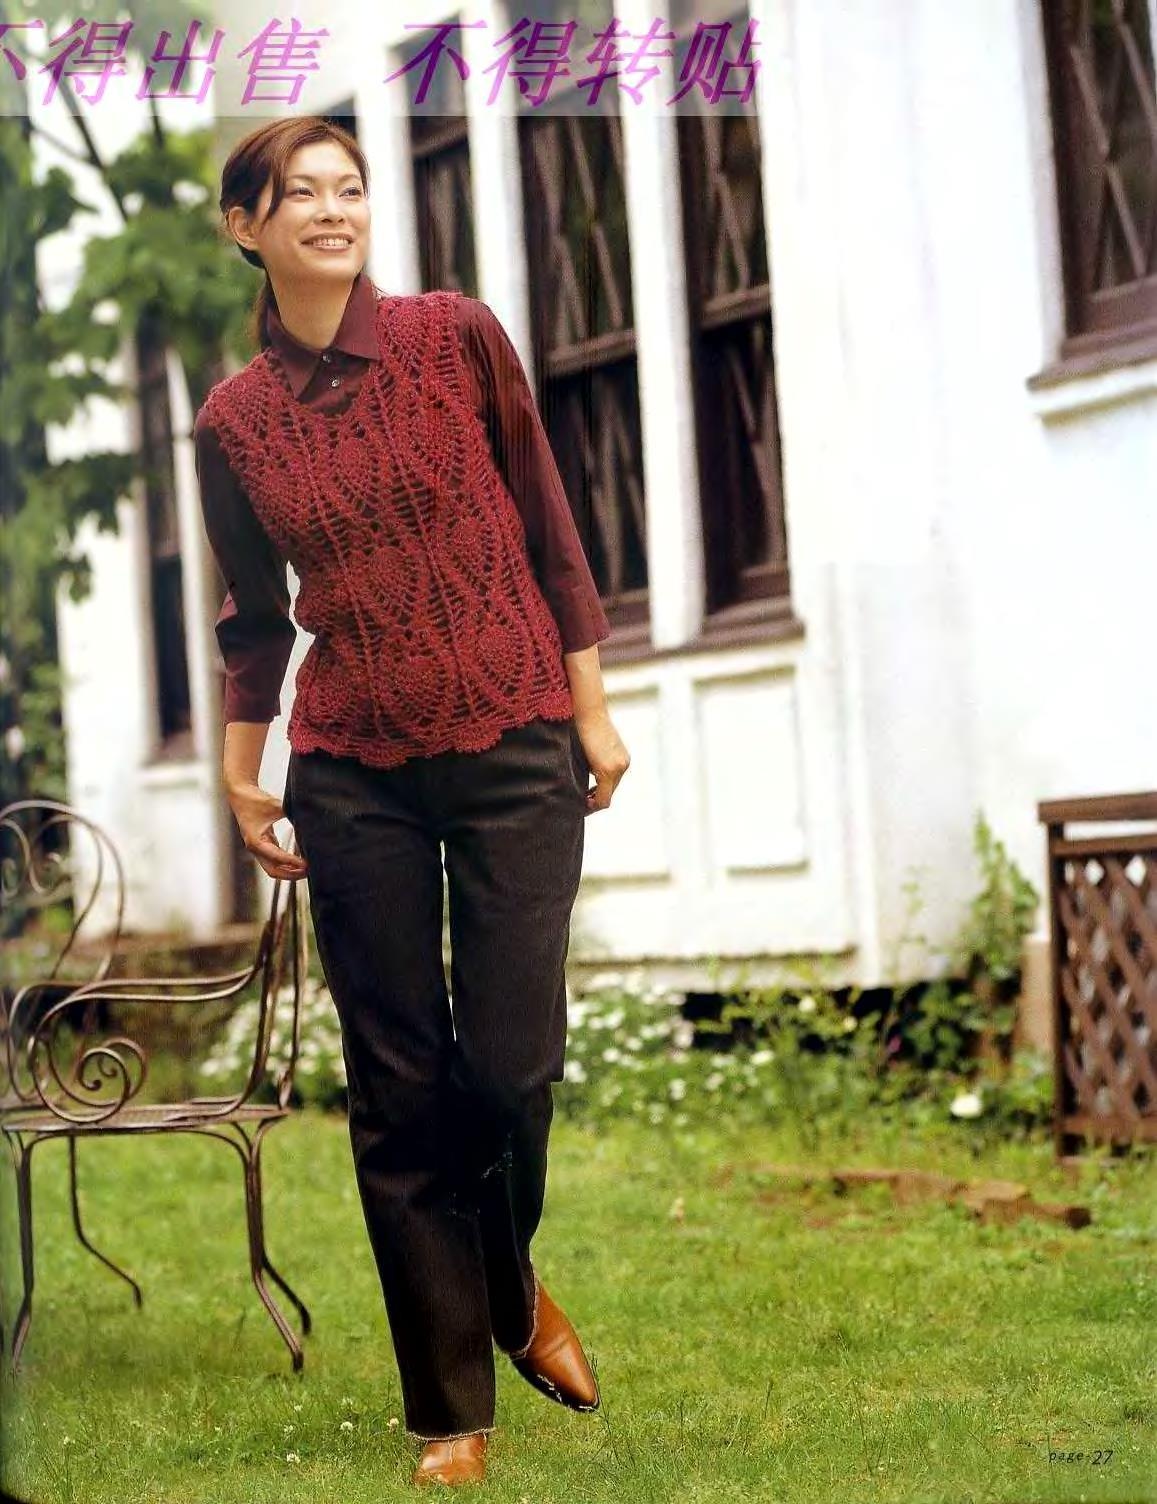 Lets-knit-series-Blue-Lace-sp-kr_24.jpg